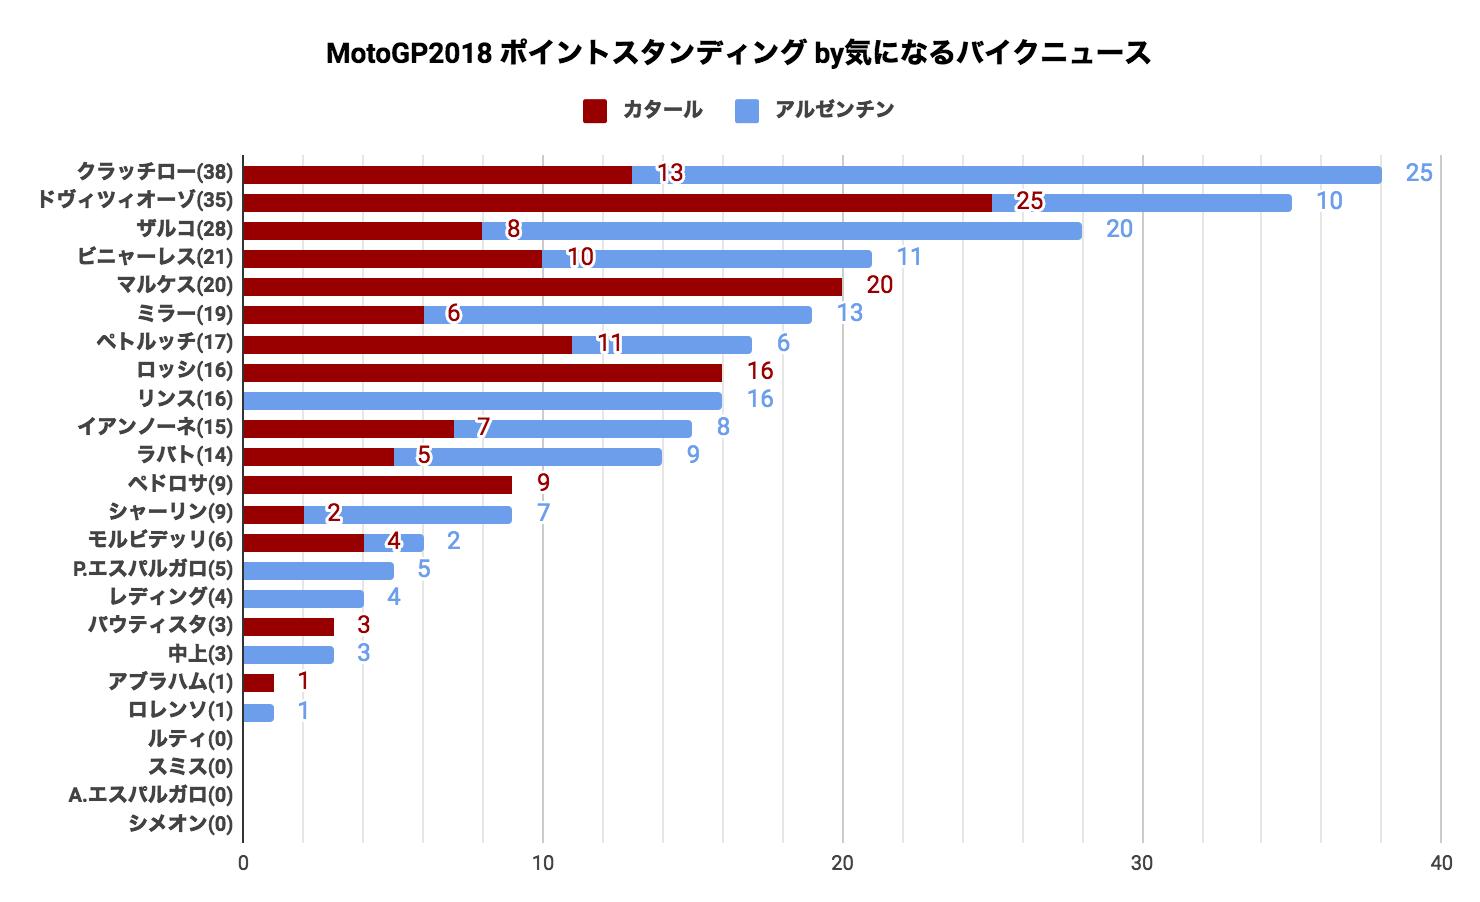 ★MotoGP2018 ポイントスタンディング(2018/04/16時点)